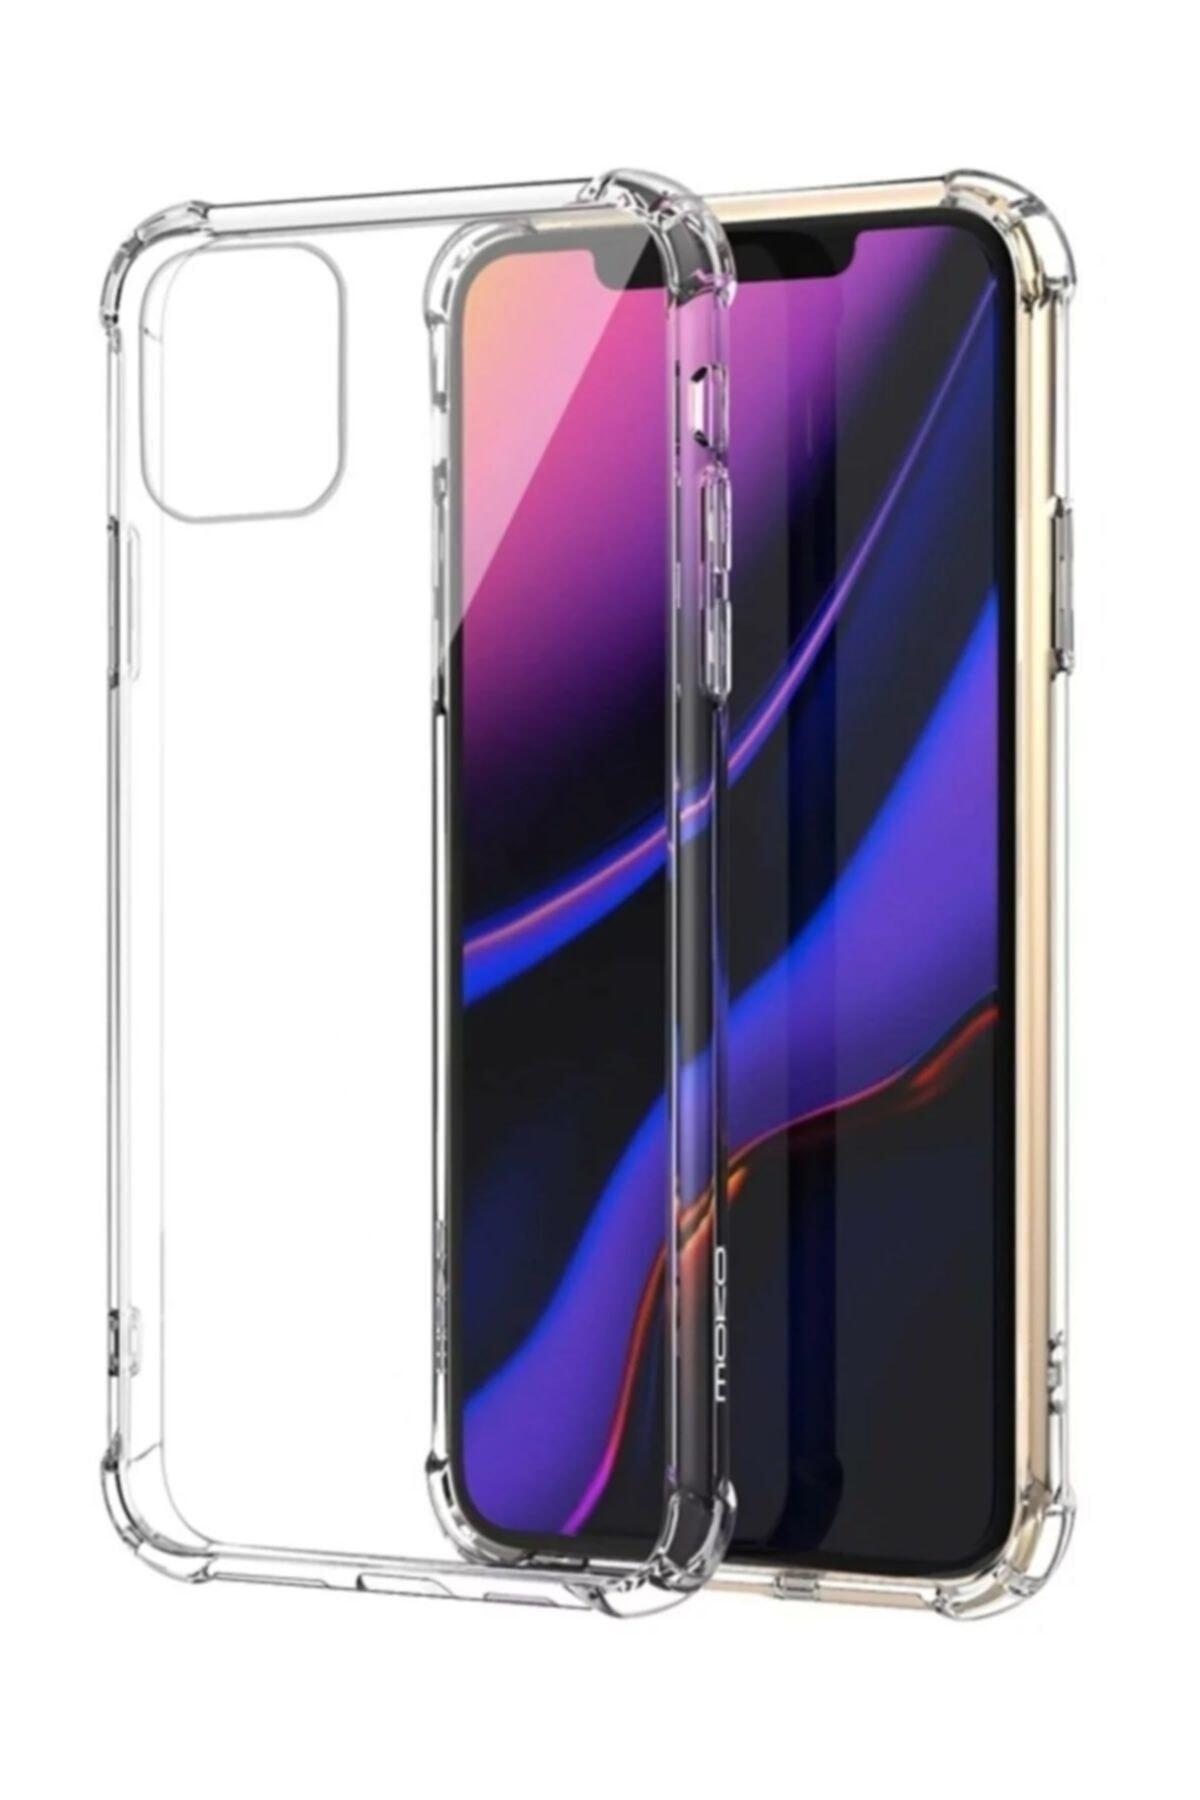 Soffy Şeffaf Iphone 11 Köşeleri Airbag Korumalı Shield Silikon Kapak Kılıf 2